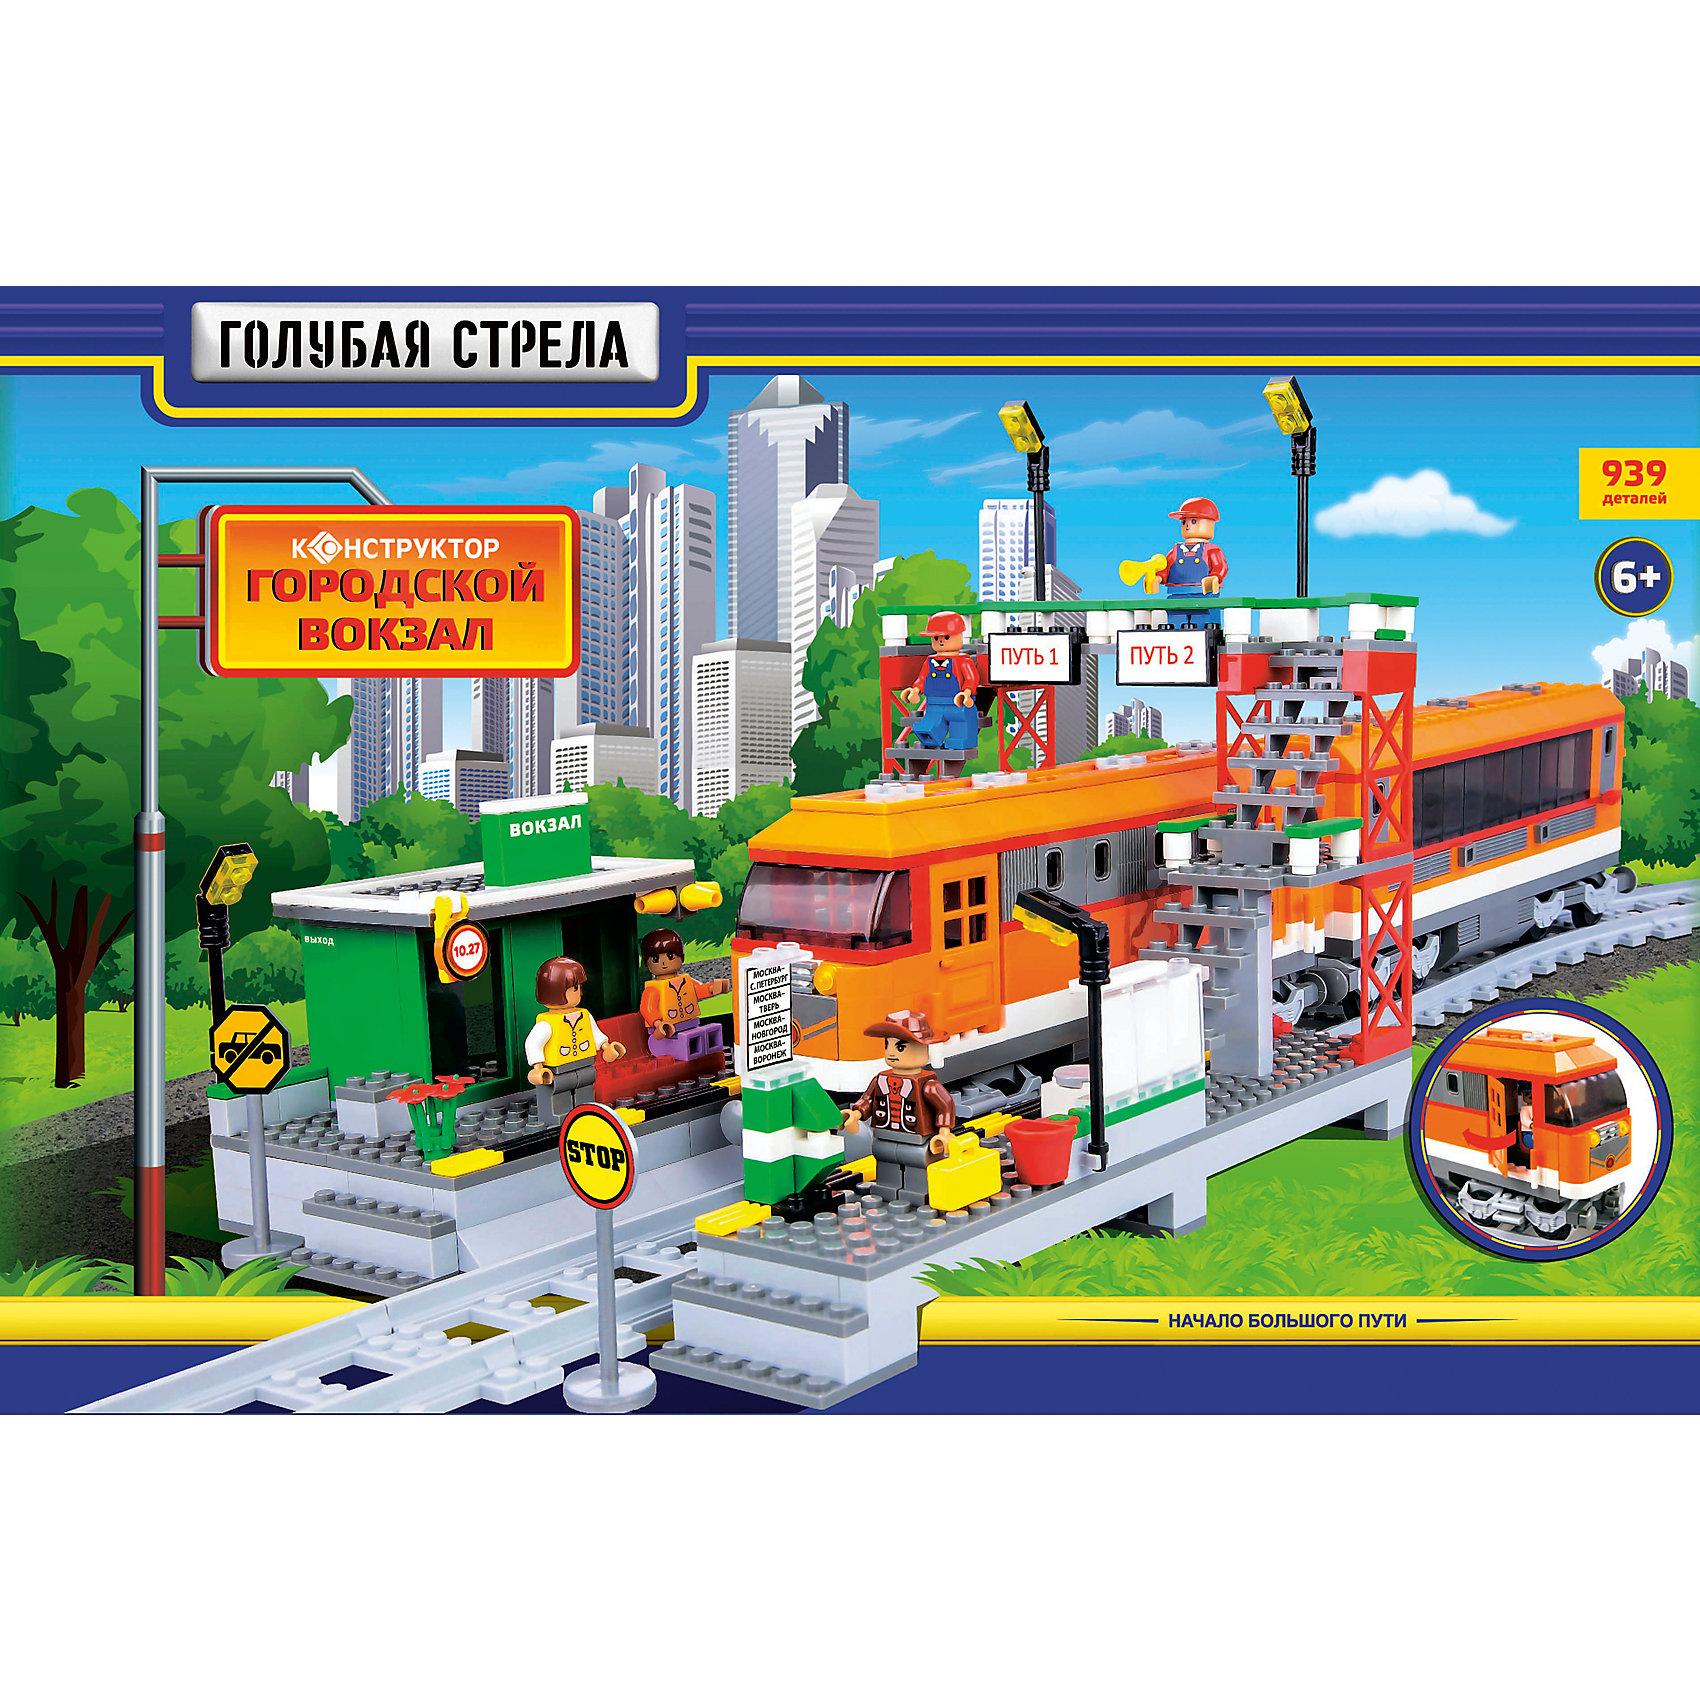 Железная дорога Конструктор Городской вокзал, Голубая стрелаИгрушечная железная дорога<br>Железная дорога Конструктор Городской вокзал, Голубая стрела.<br><br>Характеристики:<br><br>• Комплектация: прямые рельсы - 4 шт., изогнутые рельсы- 16 шт., фигурки людей, строения, железнодорожные знаки, элементы для сборки<br>• Количество деталей: 939<br>• Размер железной дороги: 700х960 мм.<br>• Материал: пластик<br>• Упаковка: картонная коробка<br>• Размер упаковки: 65х9х44 см.<br><br>«Городской вокзал» - это блочный конструктор, в котором 939 деталей! Из деталей конструктора ваш ребенок соберет железнодорожное полотно и скорый поезд (локомотив и вагон). Вагон и локомотив легко сцепляются друг с другом. У локомотива открываются дверка, что позволит посадить внутрь одну из фигурок, идущих в наборе. <br><br>Фигурки сделаны в виде пассажиров и рабочих. Также для полноценной сюжетной игры в комплекте имеются станция с платформой и мостом, железнодорожные знаки. Собирая детали конструктора, ребенок разовьет воображение, мелкую моторику рук, пространственное и логическое мышление. Все наборы серии совместимы между собой.<br><br>Железную дорогу Конструктор Городской вокзал, Голубая стрела можно купить в нашем интернет-магазине.<br><br>Ширина мм: 645<br>Глубина мм: 435<br>Высота мм: 90<br>Вес г: 2947<br>Возраст от месяцев: 72<br>Возраст до месяцев: 2147483647<br>Пол: Мужской<br>Возраст: Детский<br>SKU: 5400248